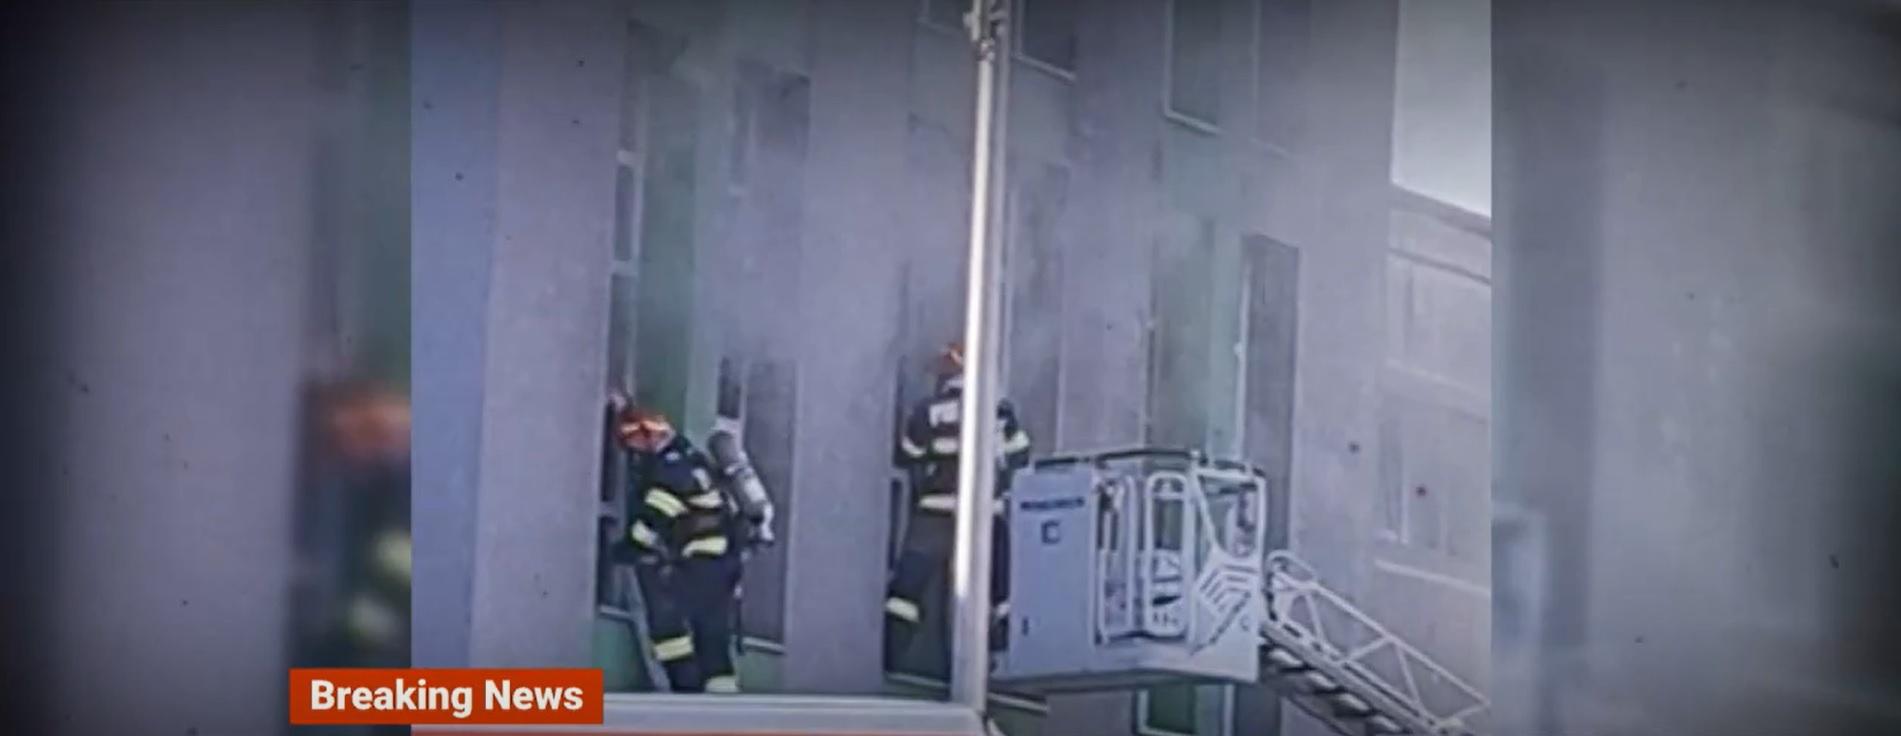 Lista lungă a catastrofelor. Cât de (ne)sigure la incendiu sunt spitalele din București? Tragedia face ca bolnavii să nu-și poată alege locul unde să fie tratați